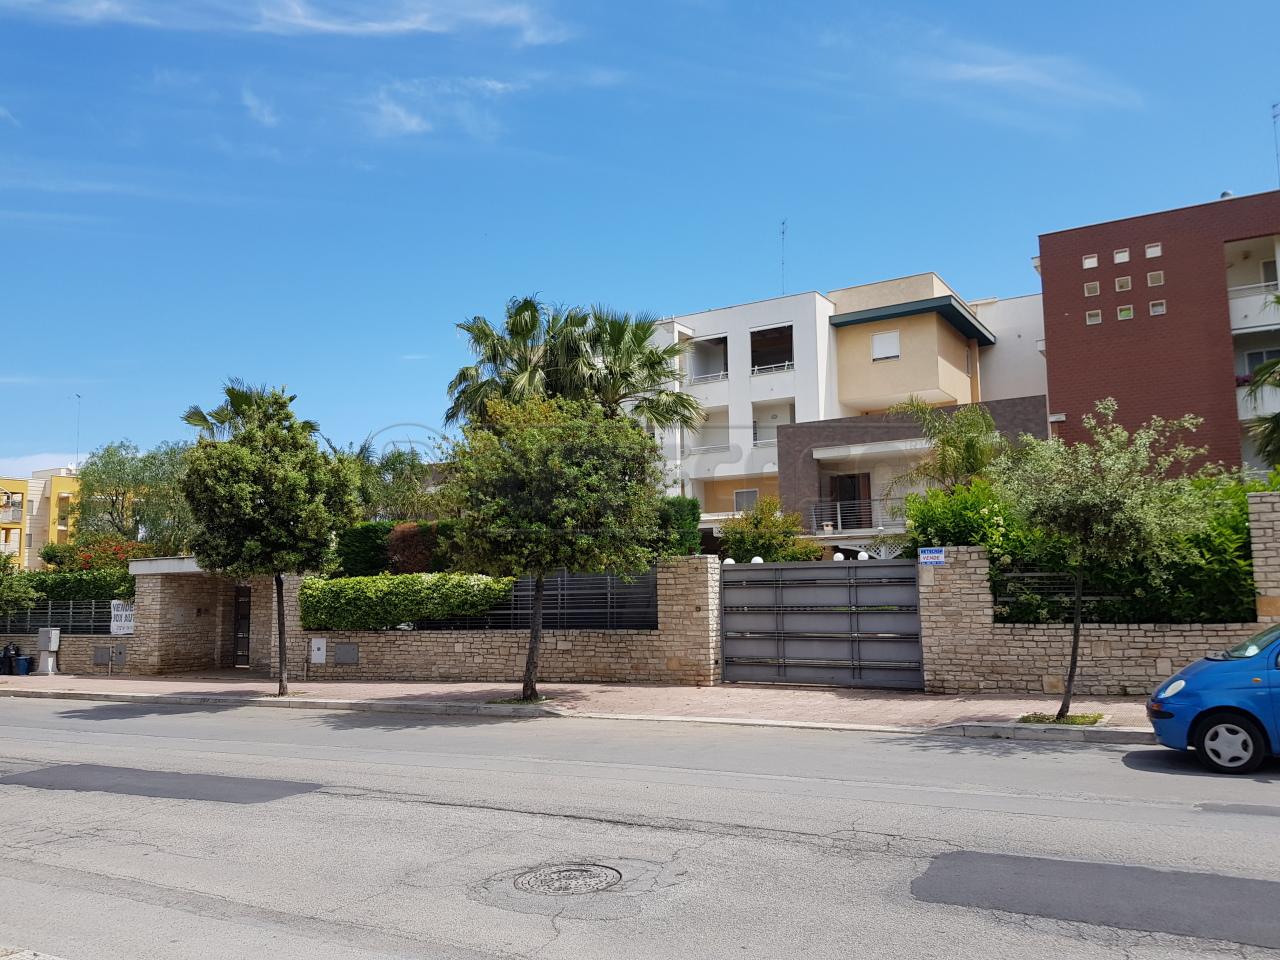 Villa in vendita a Bisceglie (BT)